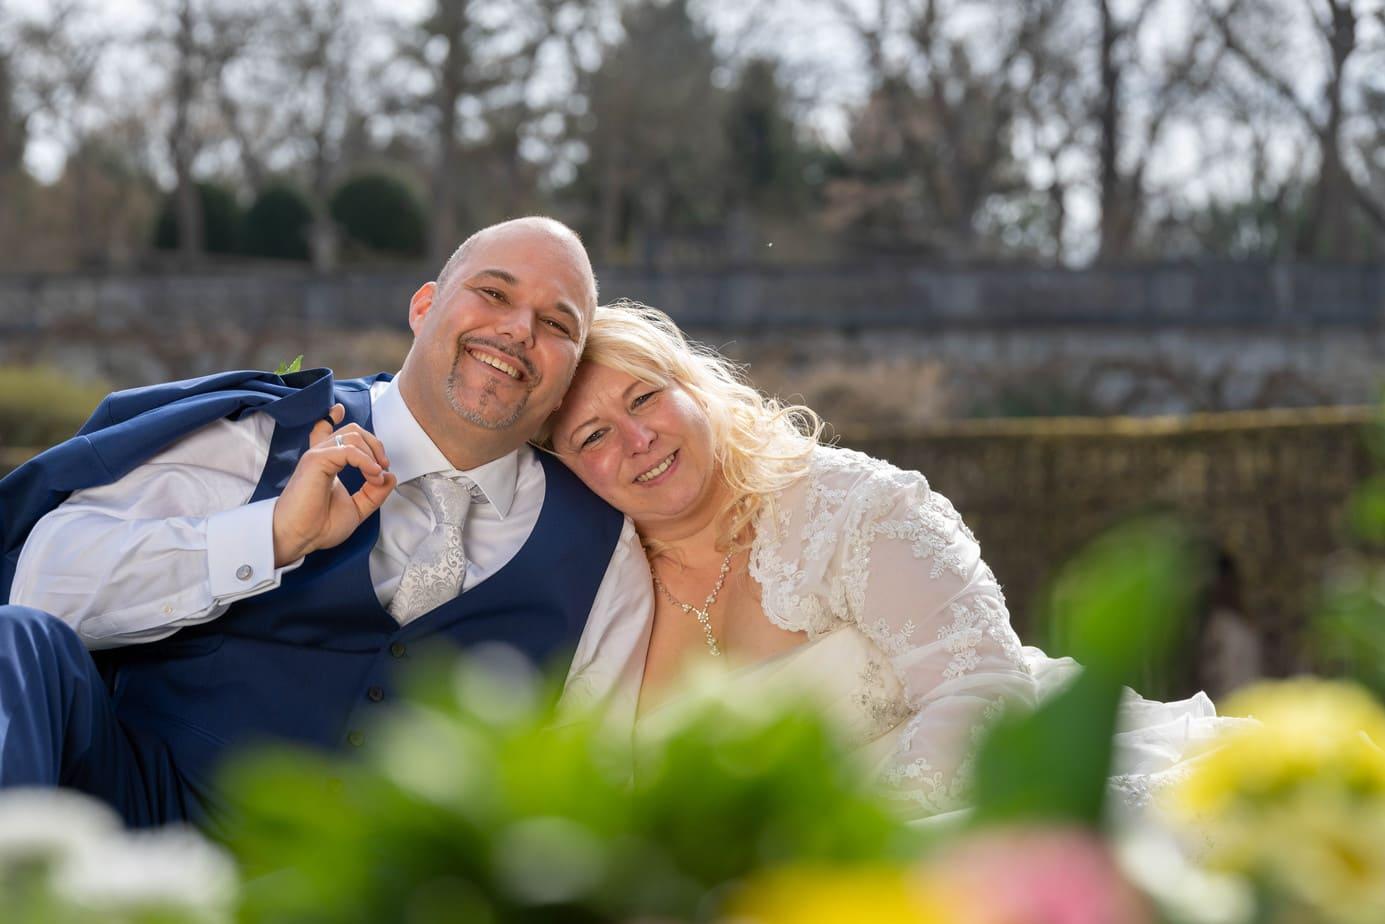 Hochzeitsfotoshooting am Nachmittag des Hochzeitstags – Was tun mit den Gästen?